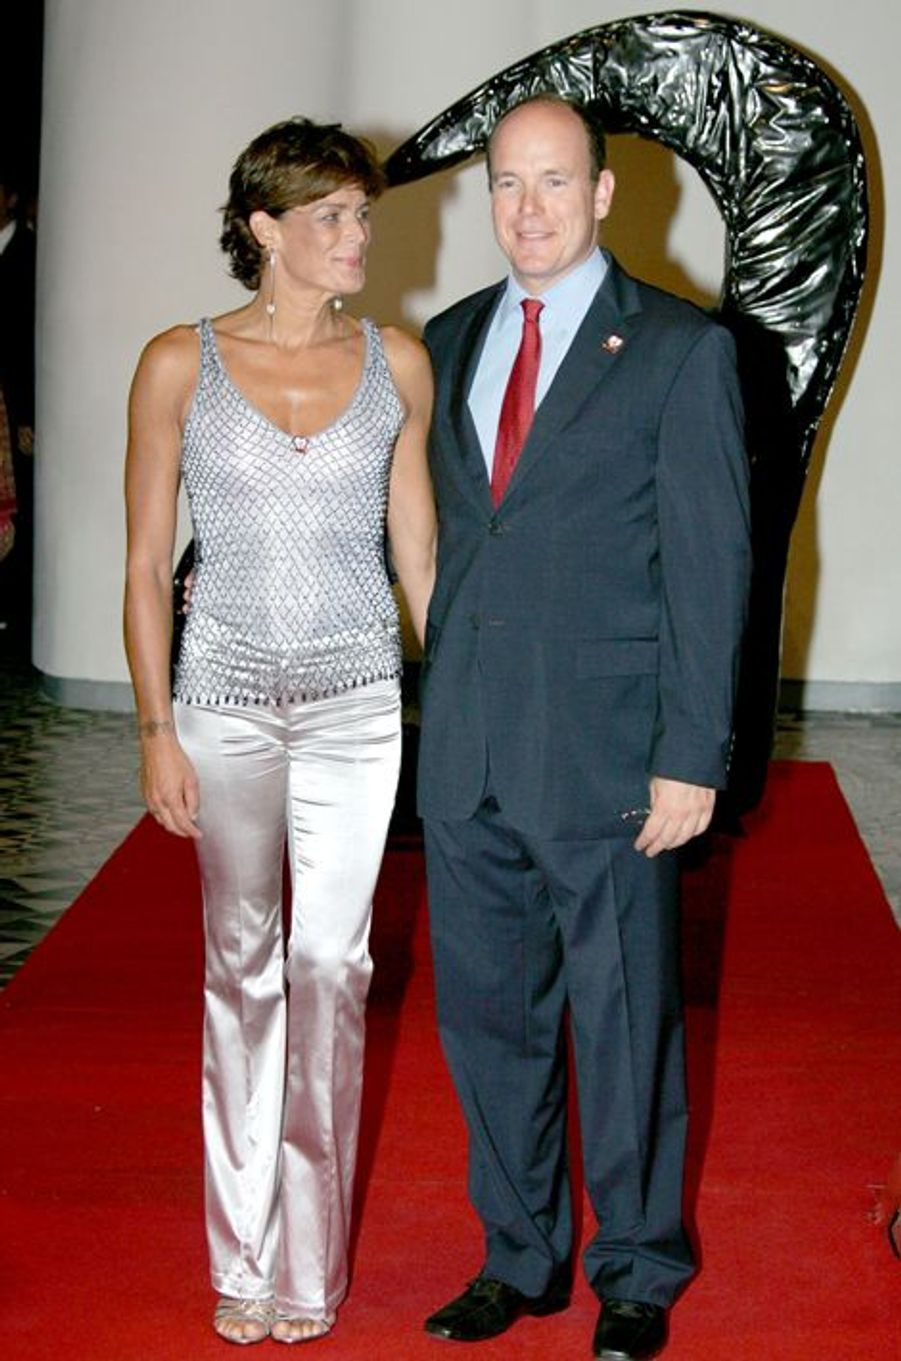 La princesse Stéphanie de Monaco le 24 juillet 2005, avec le prince Albert